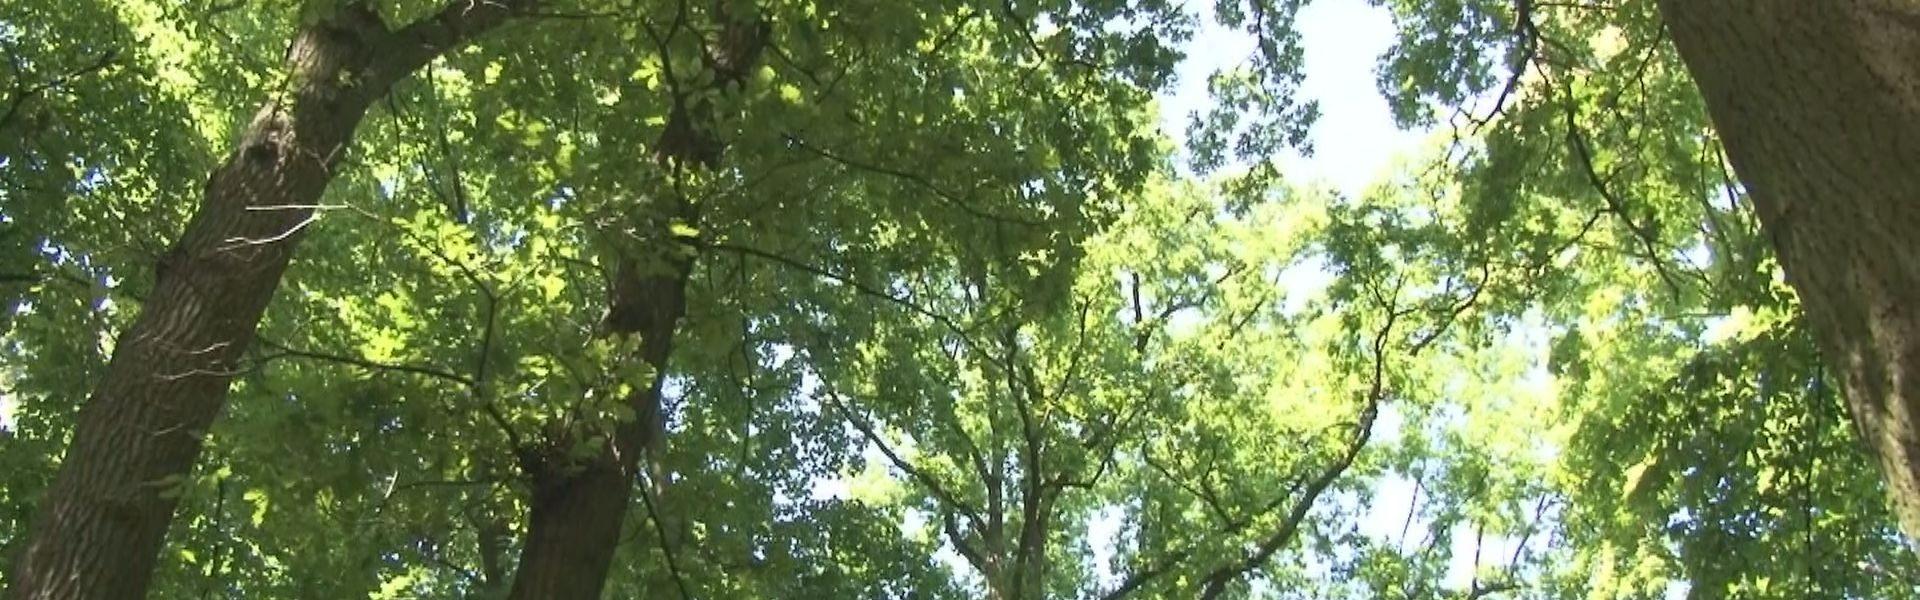 Tczew zyska nowe pomniki przyrody